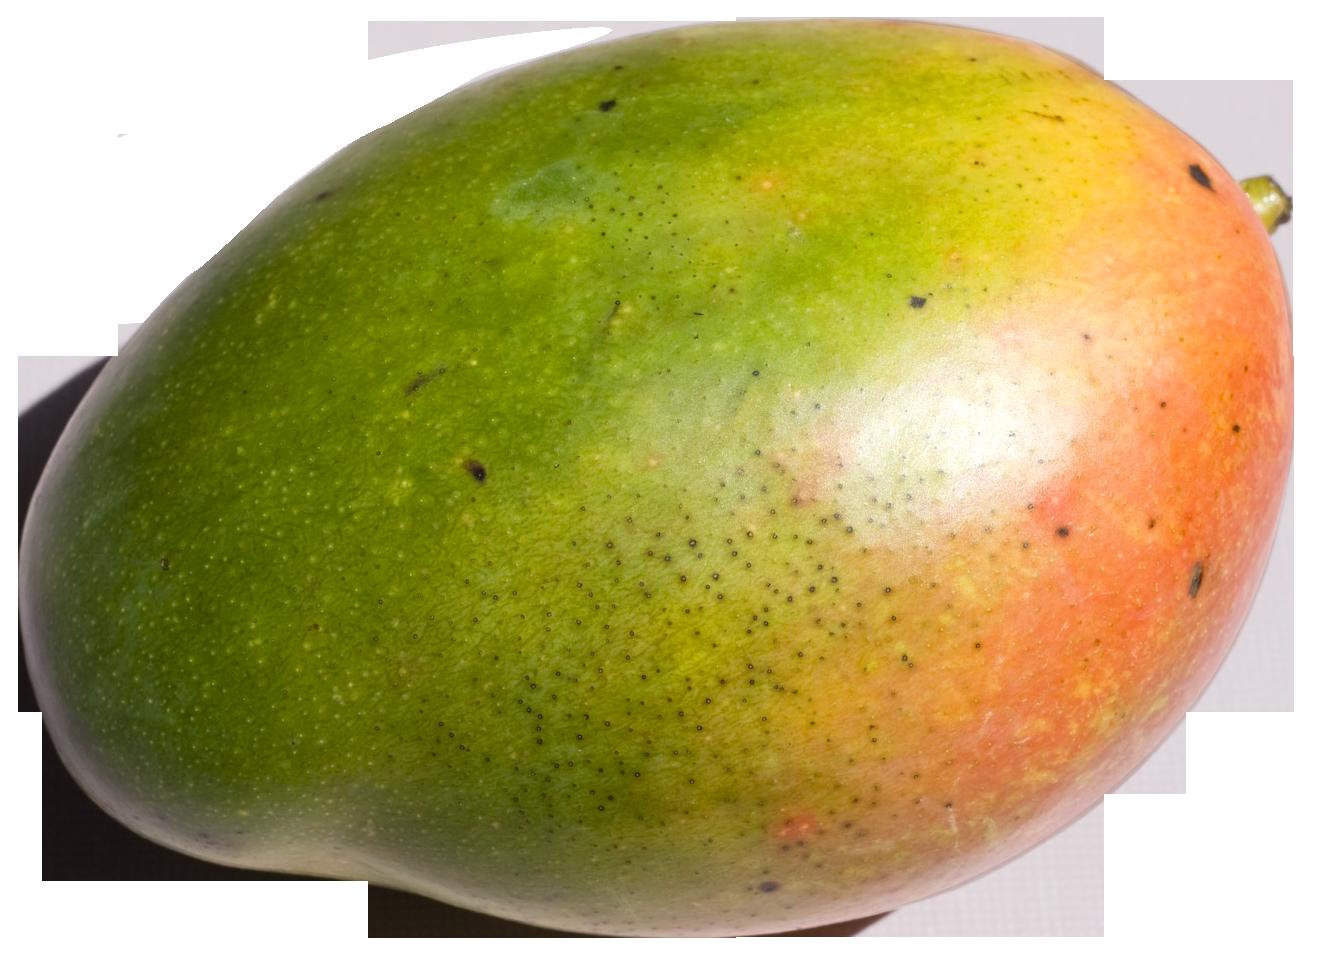 Mango HD PNG - 118574